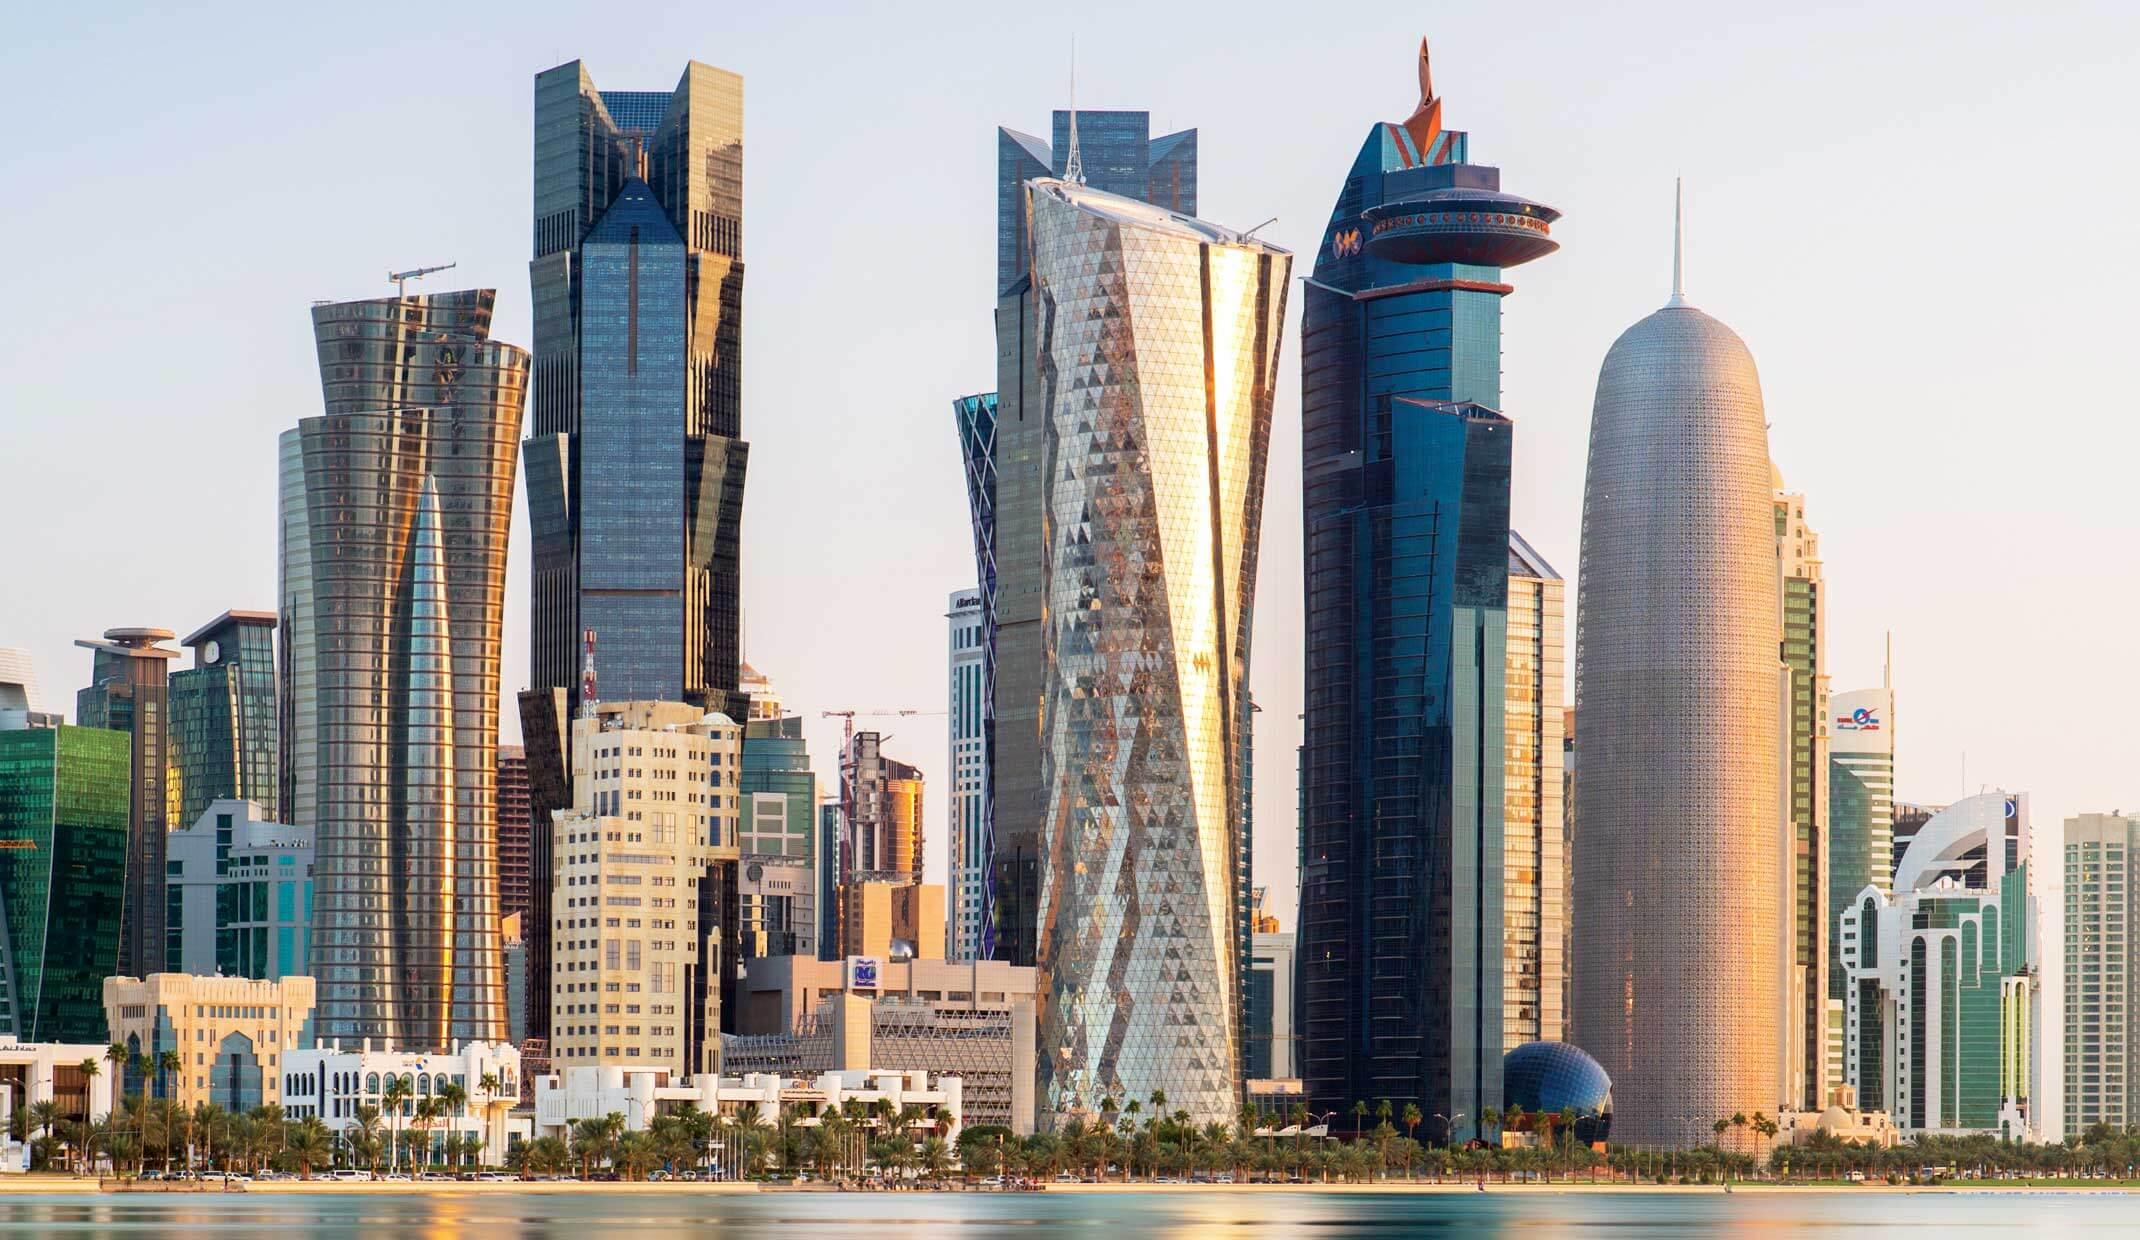 Qatar là nước nào? Những điều chưa biết về Qatar